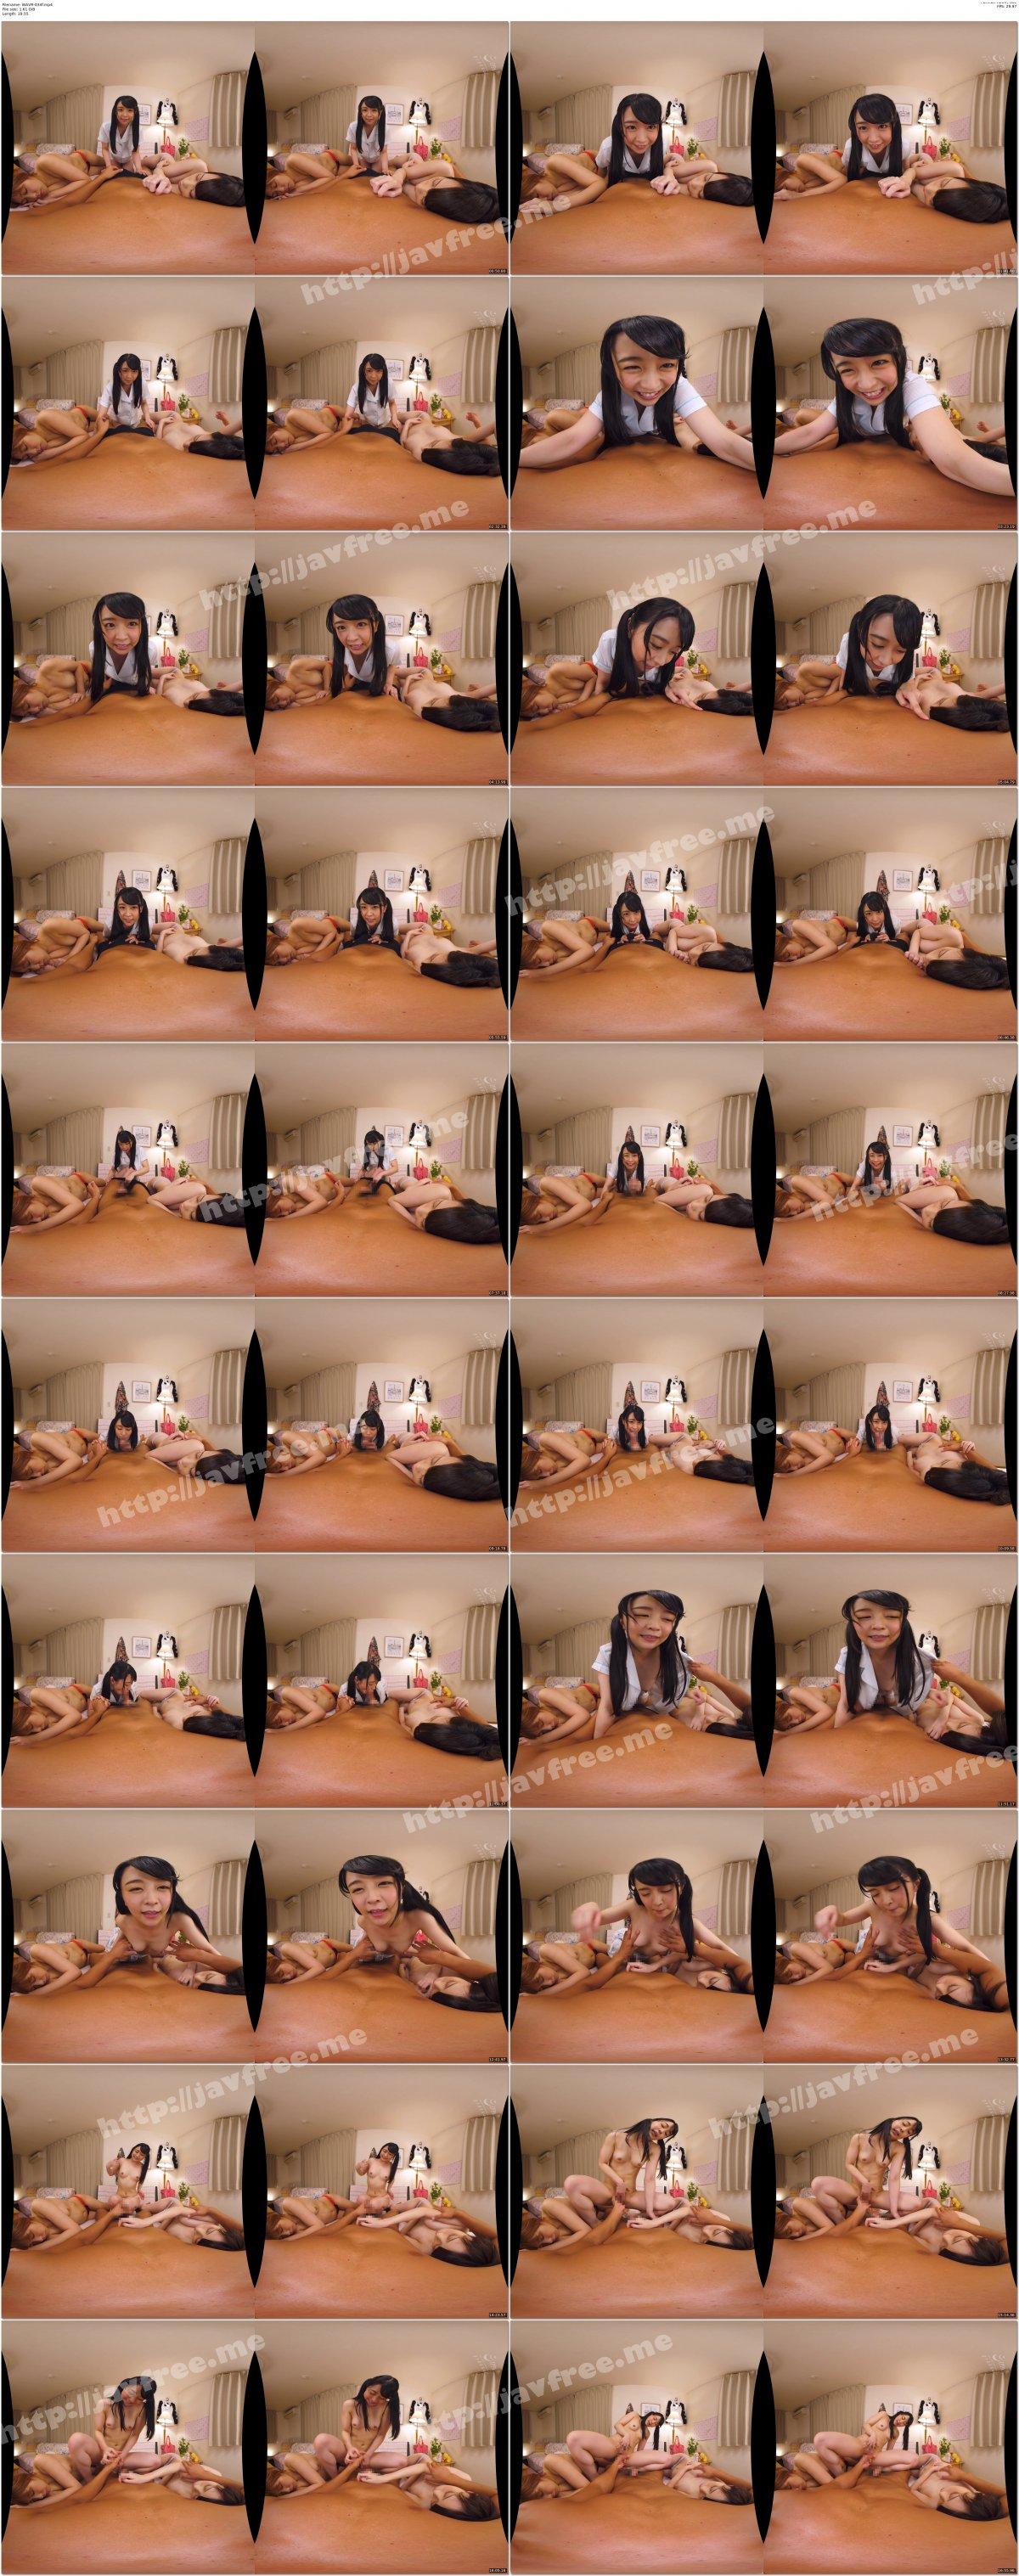 [WAVR-034] 【VR】3人の姉が朝・昼・晩。ところかまわず僕のチ○ポを狙ってきます…。 「おはよう」から「おやすみ」まで、ドスケベ三姉妹から性欲処理三昧VR!! - image WAVR-034f on https://javfree.me